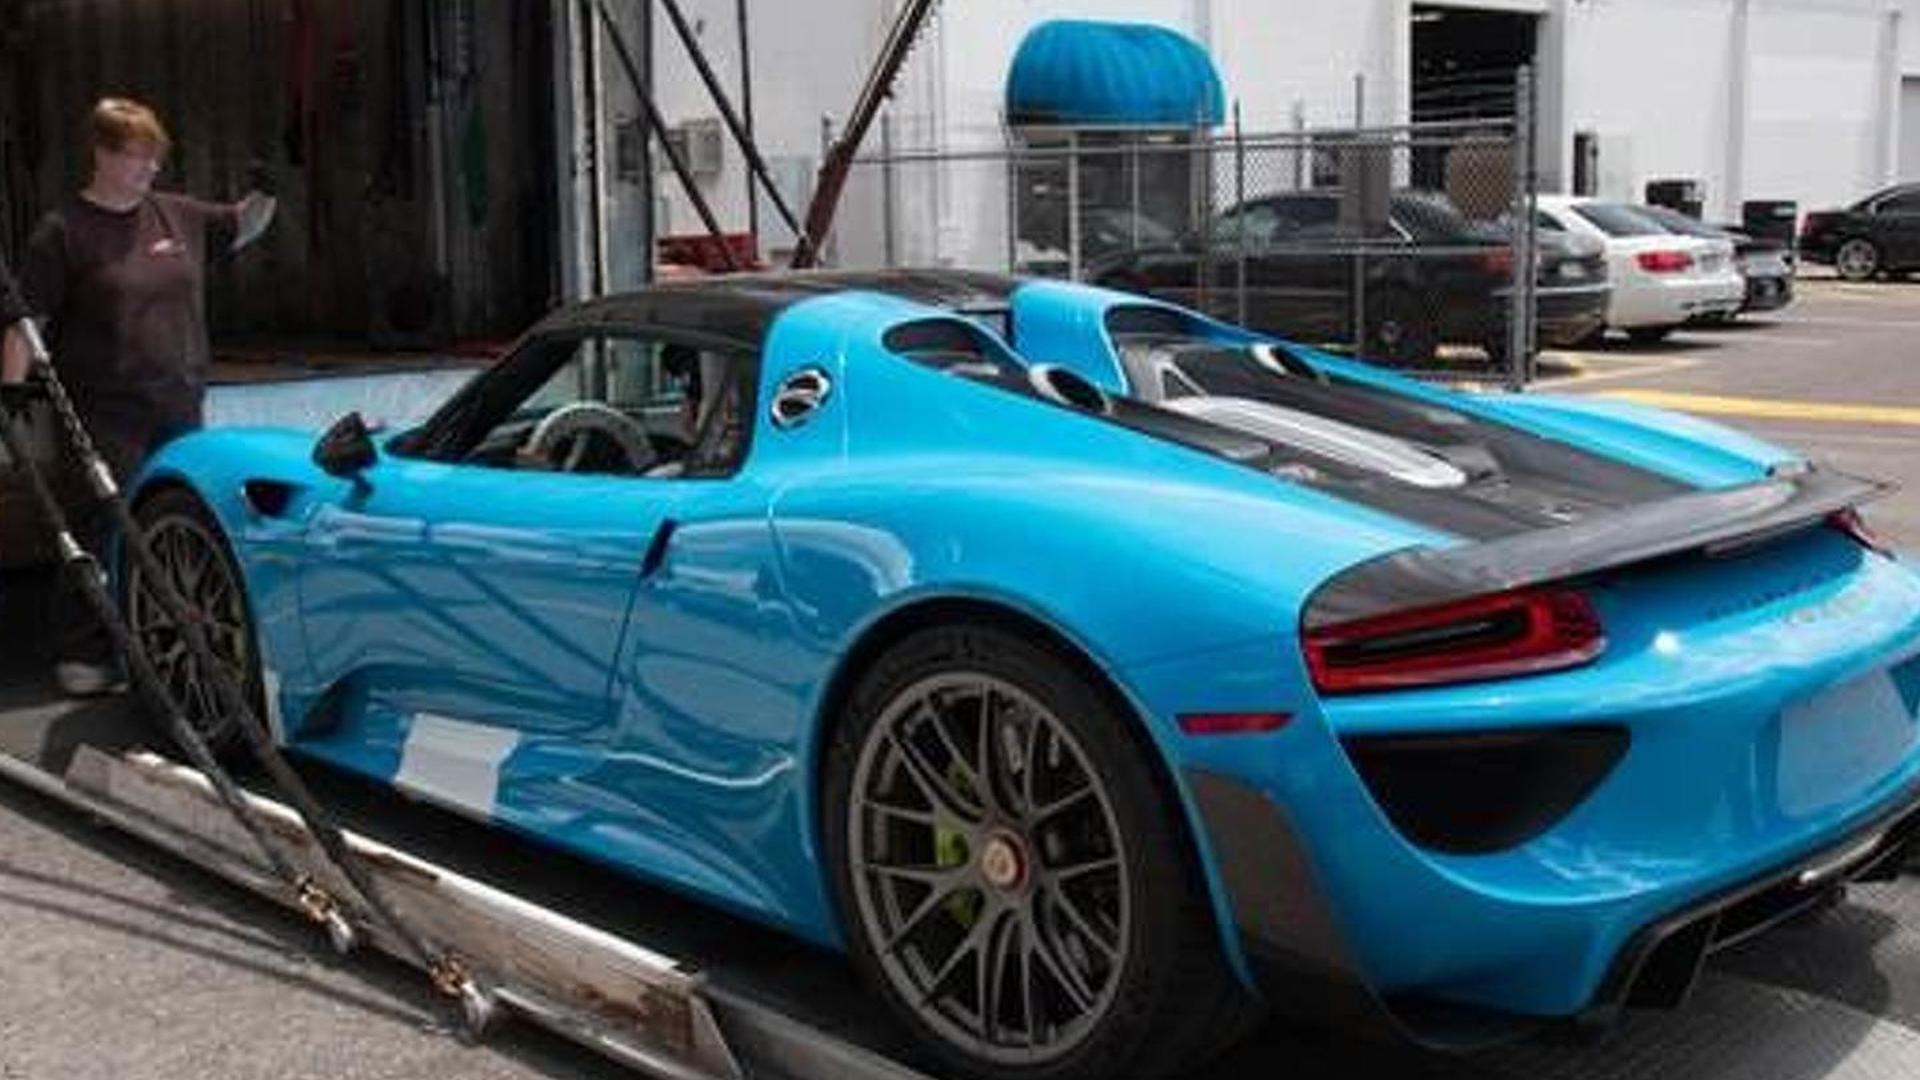 2015-560269-porsche-918-spyder-riviera-blue-with-weissach-package1 Amazing Porsche 918 Spyder sold Out Cars Trend